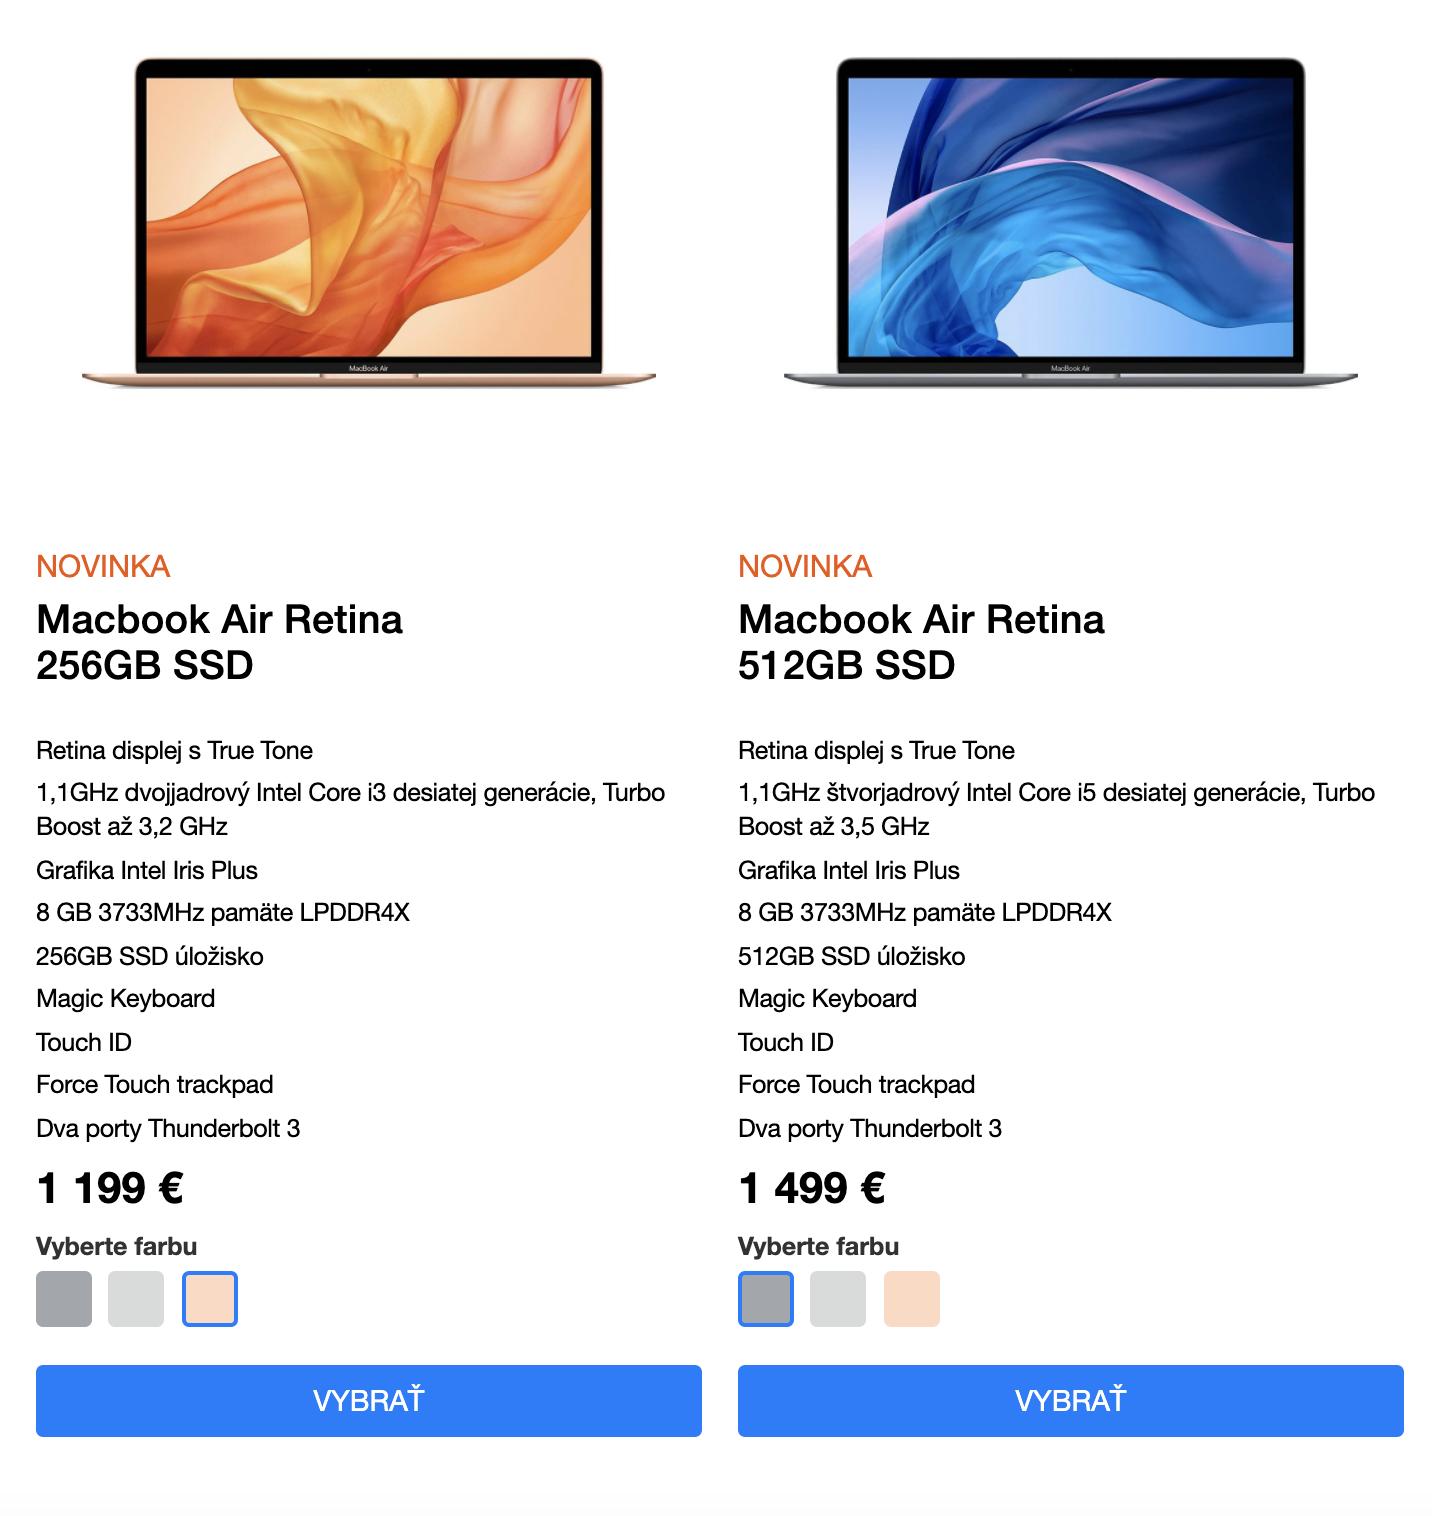 Макбук-эйр на сайте официального реселлера в Словакии стоит 1200—1500€